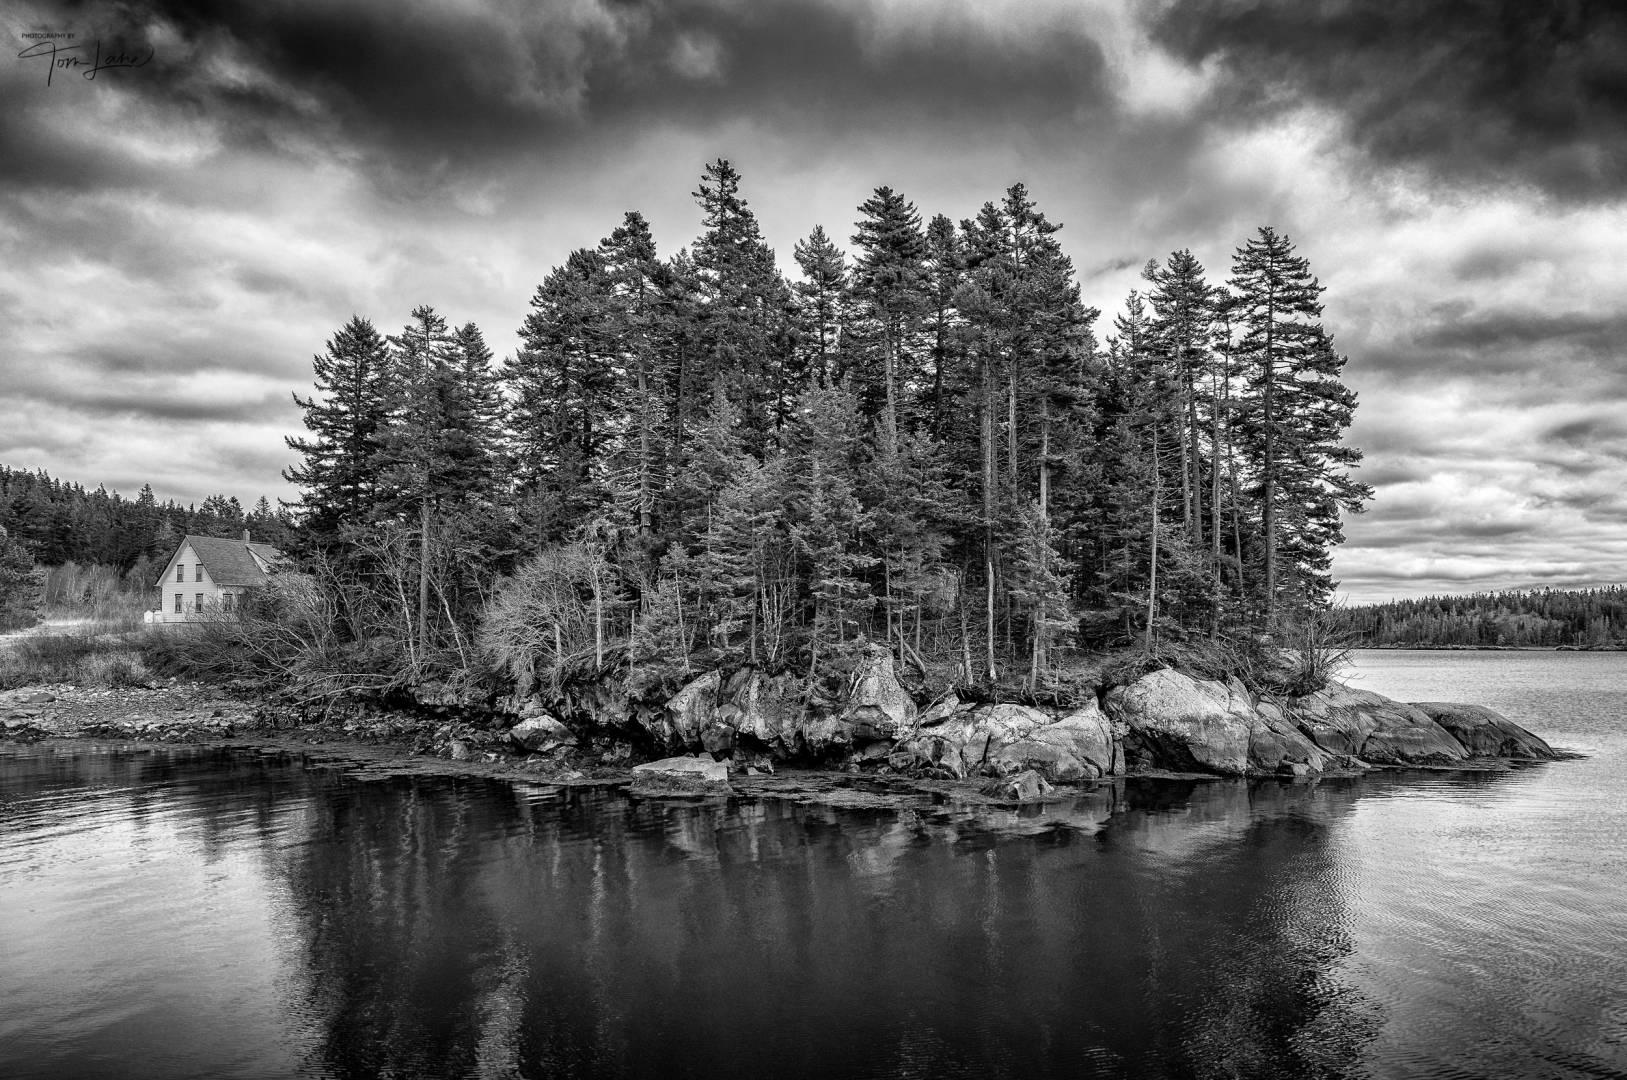 Maine Coastline, USA (Leica SL with Vario Elmarit 24-90mm)